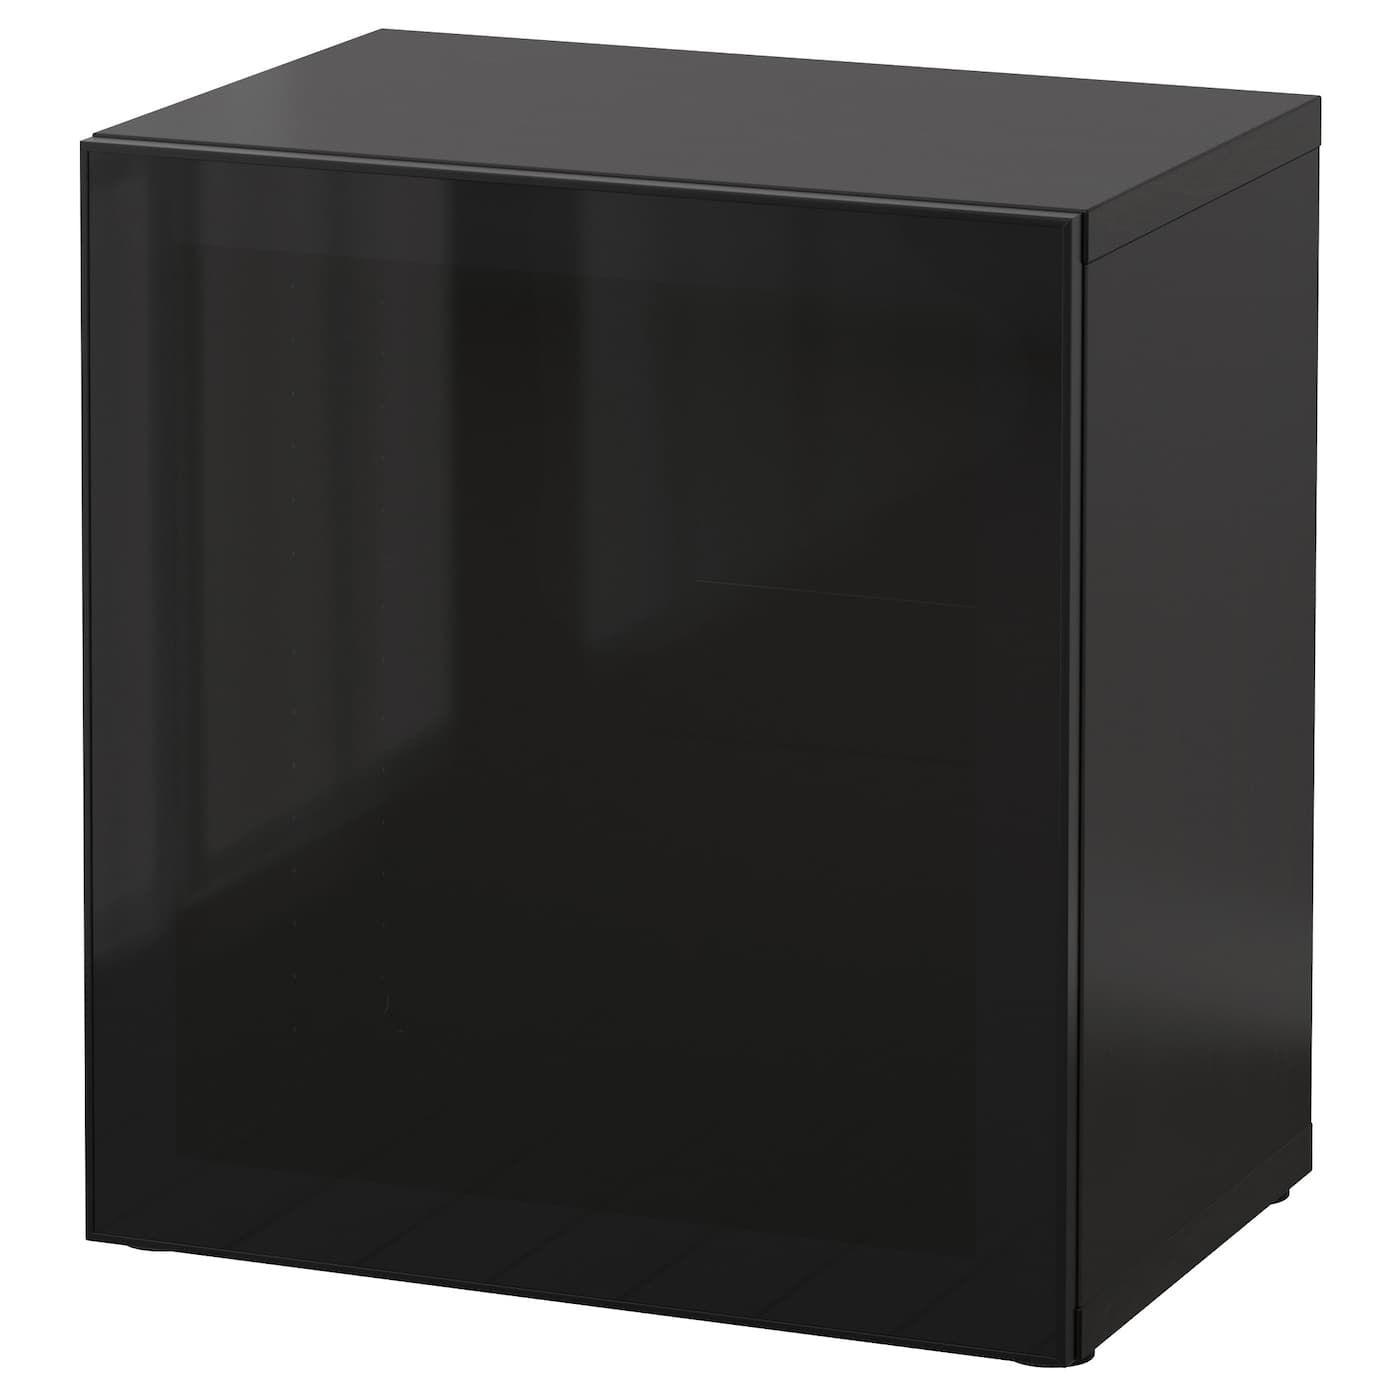 BESTÅ Regal mit Glastüren, schwarzbraun, Glassvik schwarz